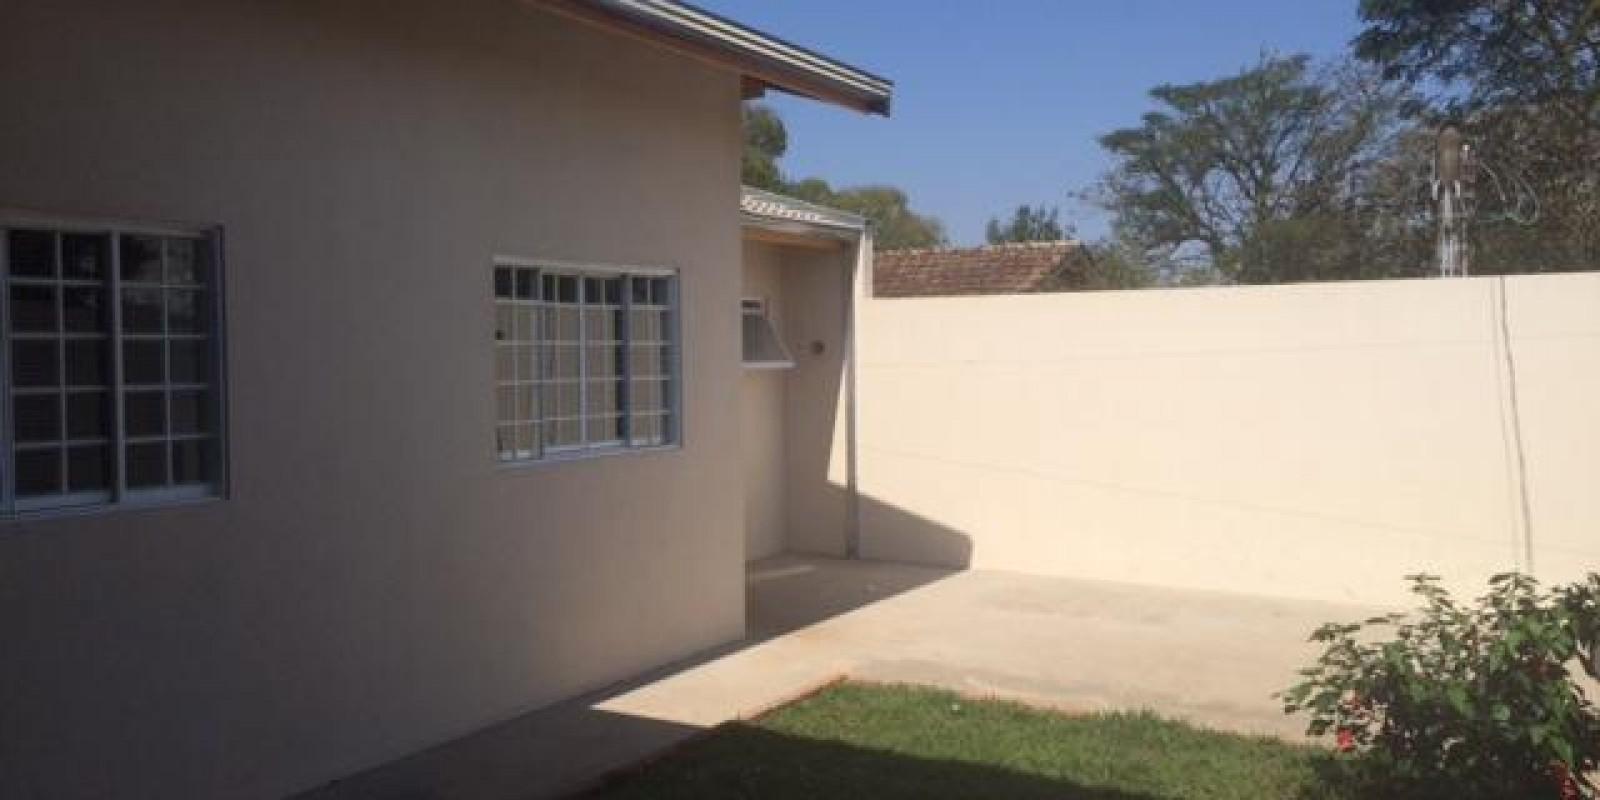 Casa no Bairro Água Branca em Avaré Sp - Foto 4 de 10